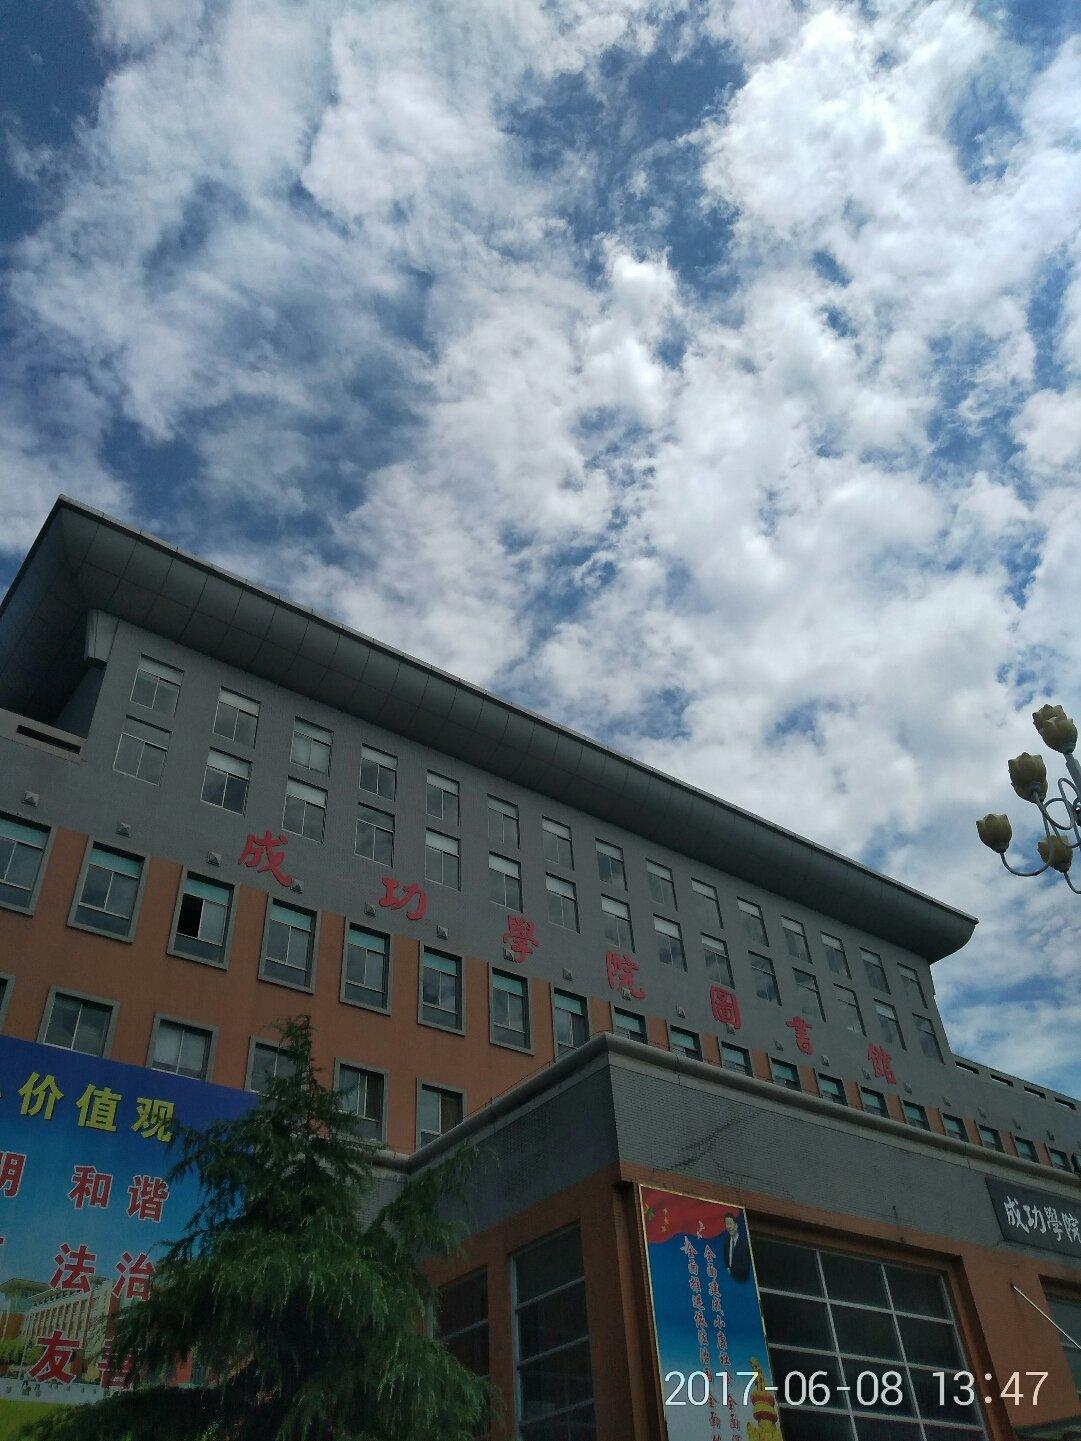 巩义成功学院_河南省郑州市巩义市碧峰路靠近郑州成功财经学院(东校区)天气预报